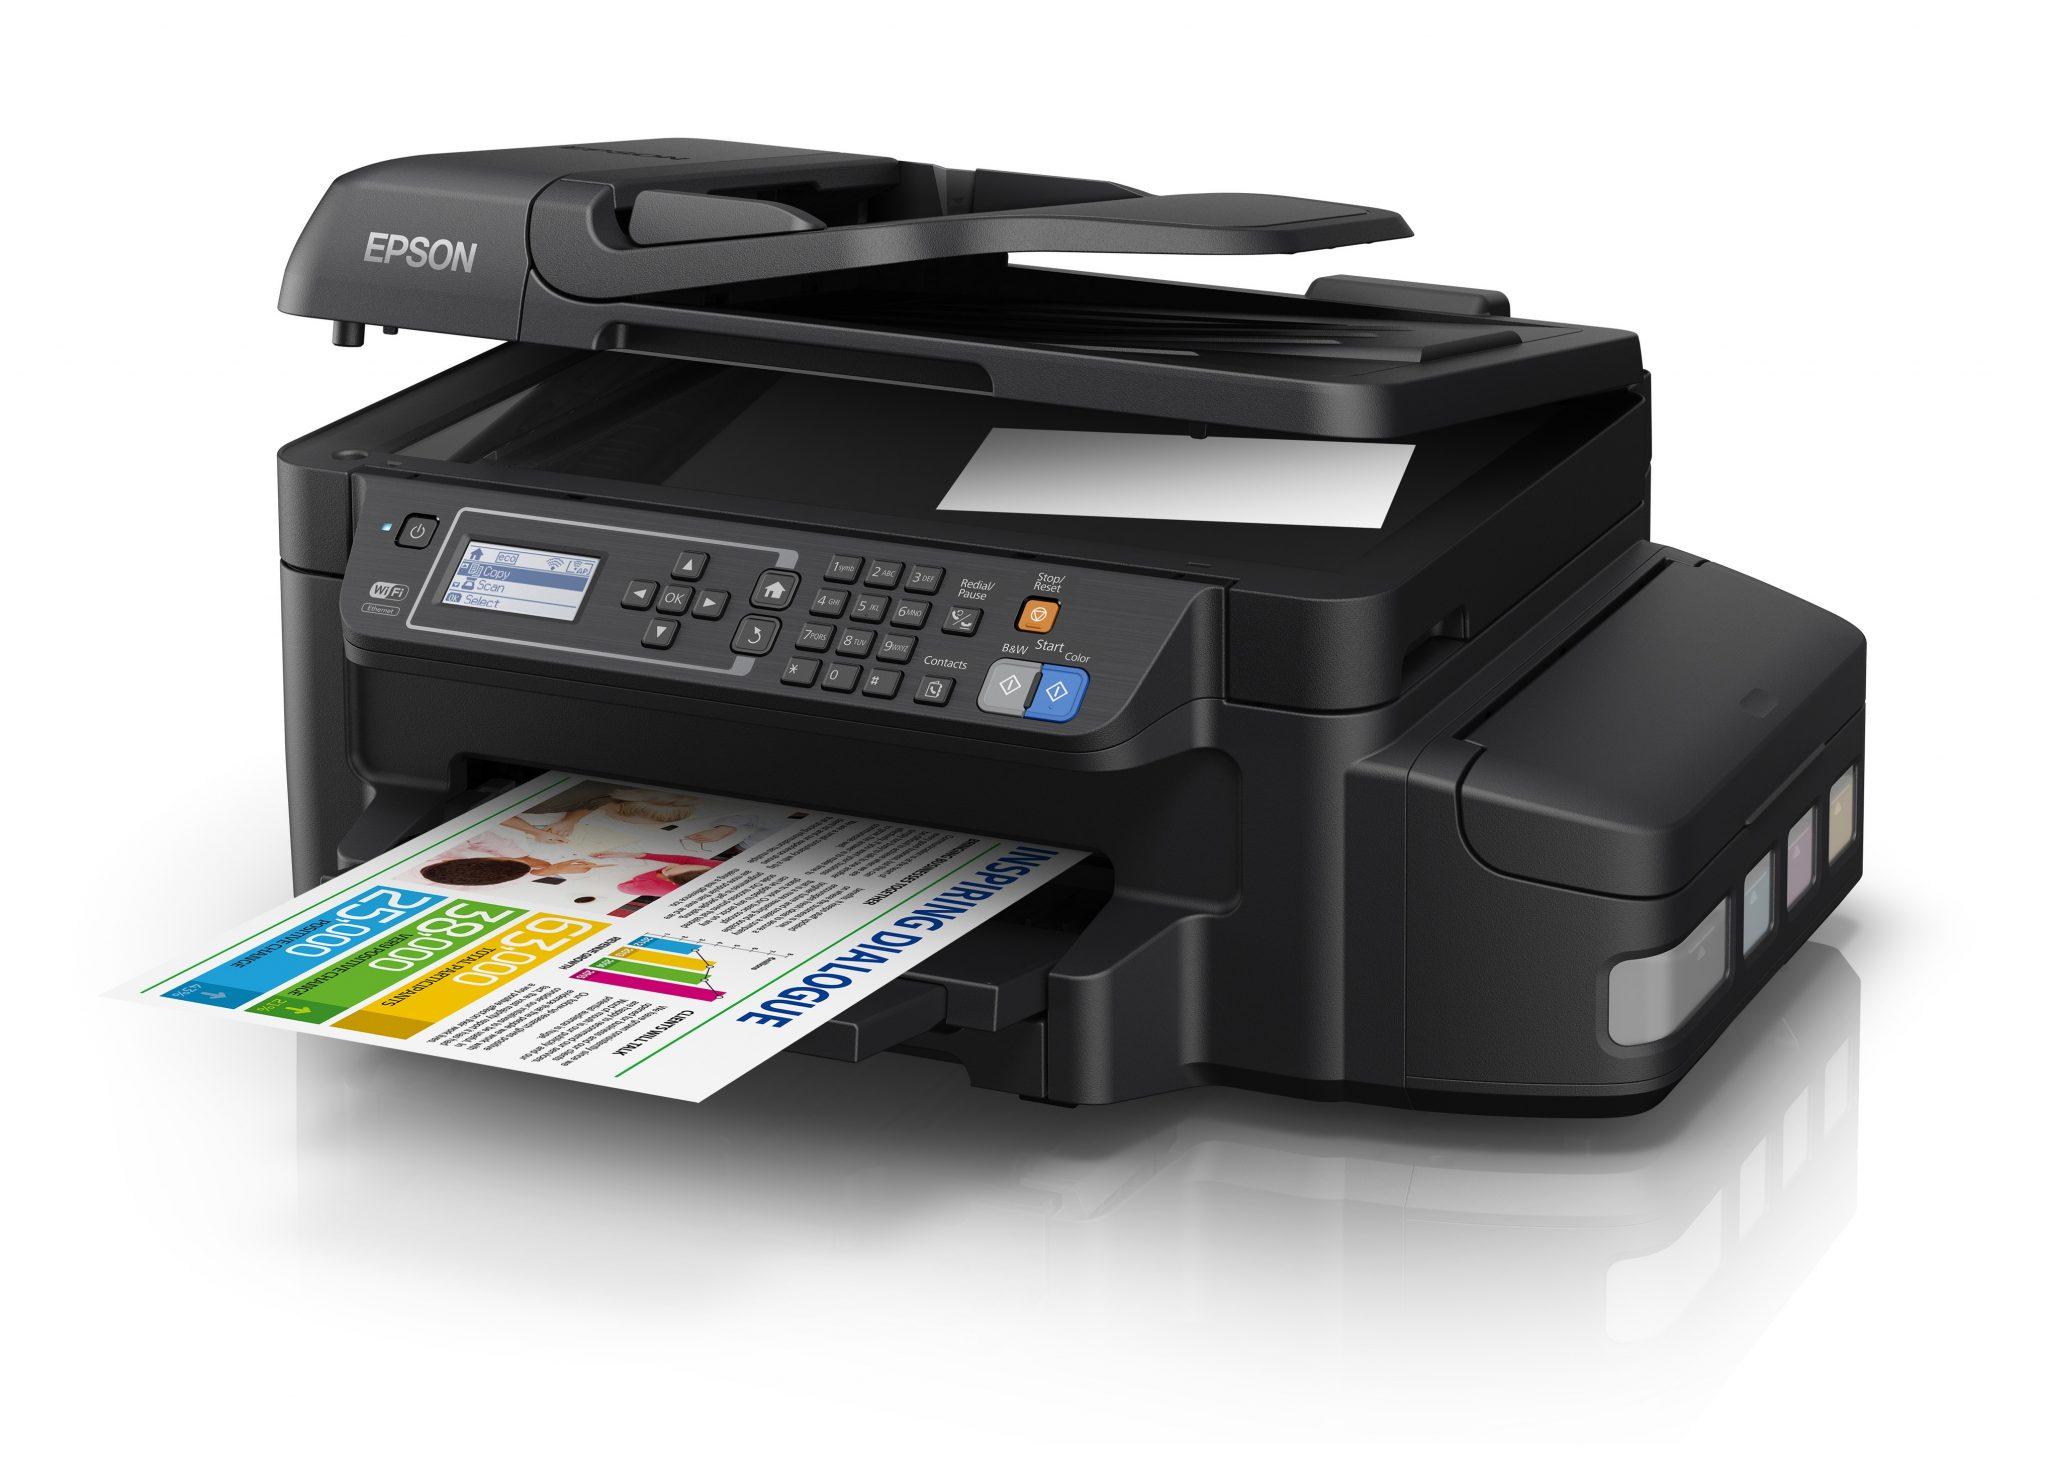 Stampanti con flaconi di inchiostro sostitutivi